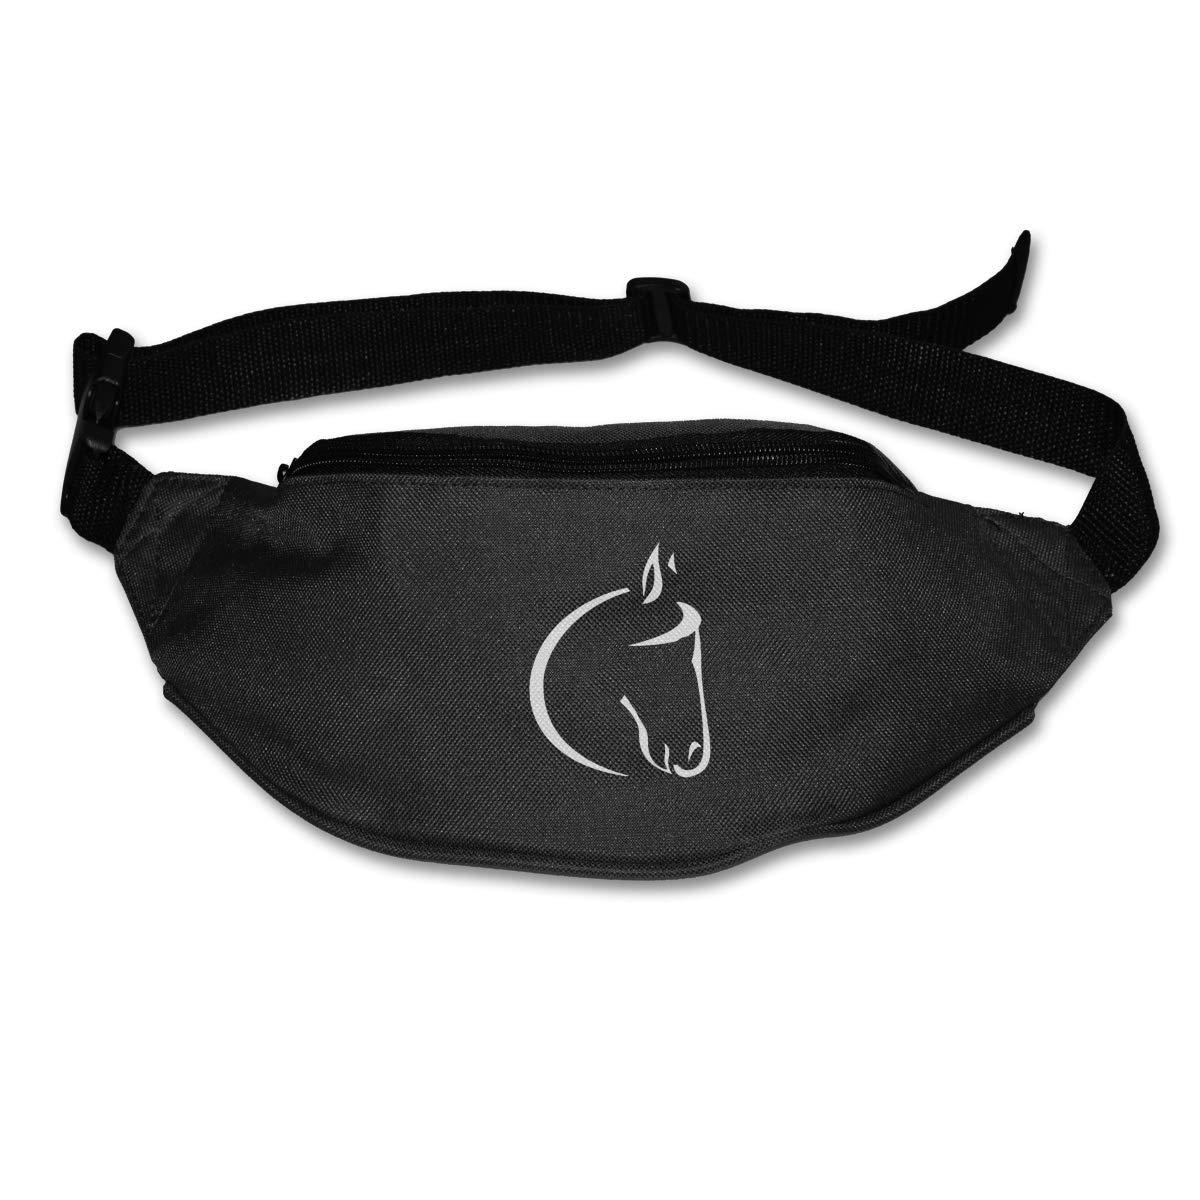 White Horse Lovers Sport Waist Packs Fanny Pack Adjustable For Run